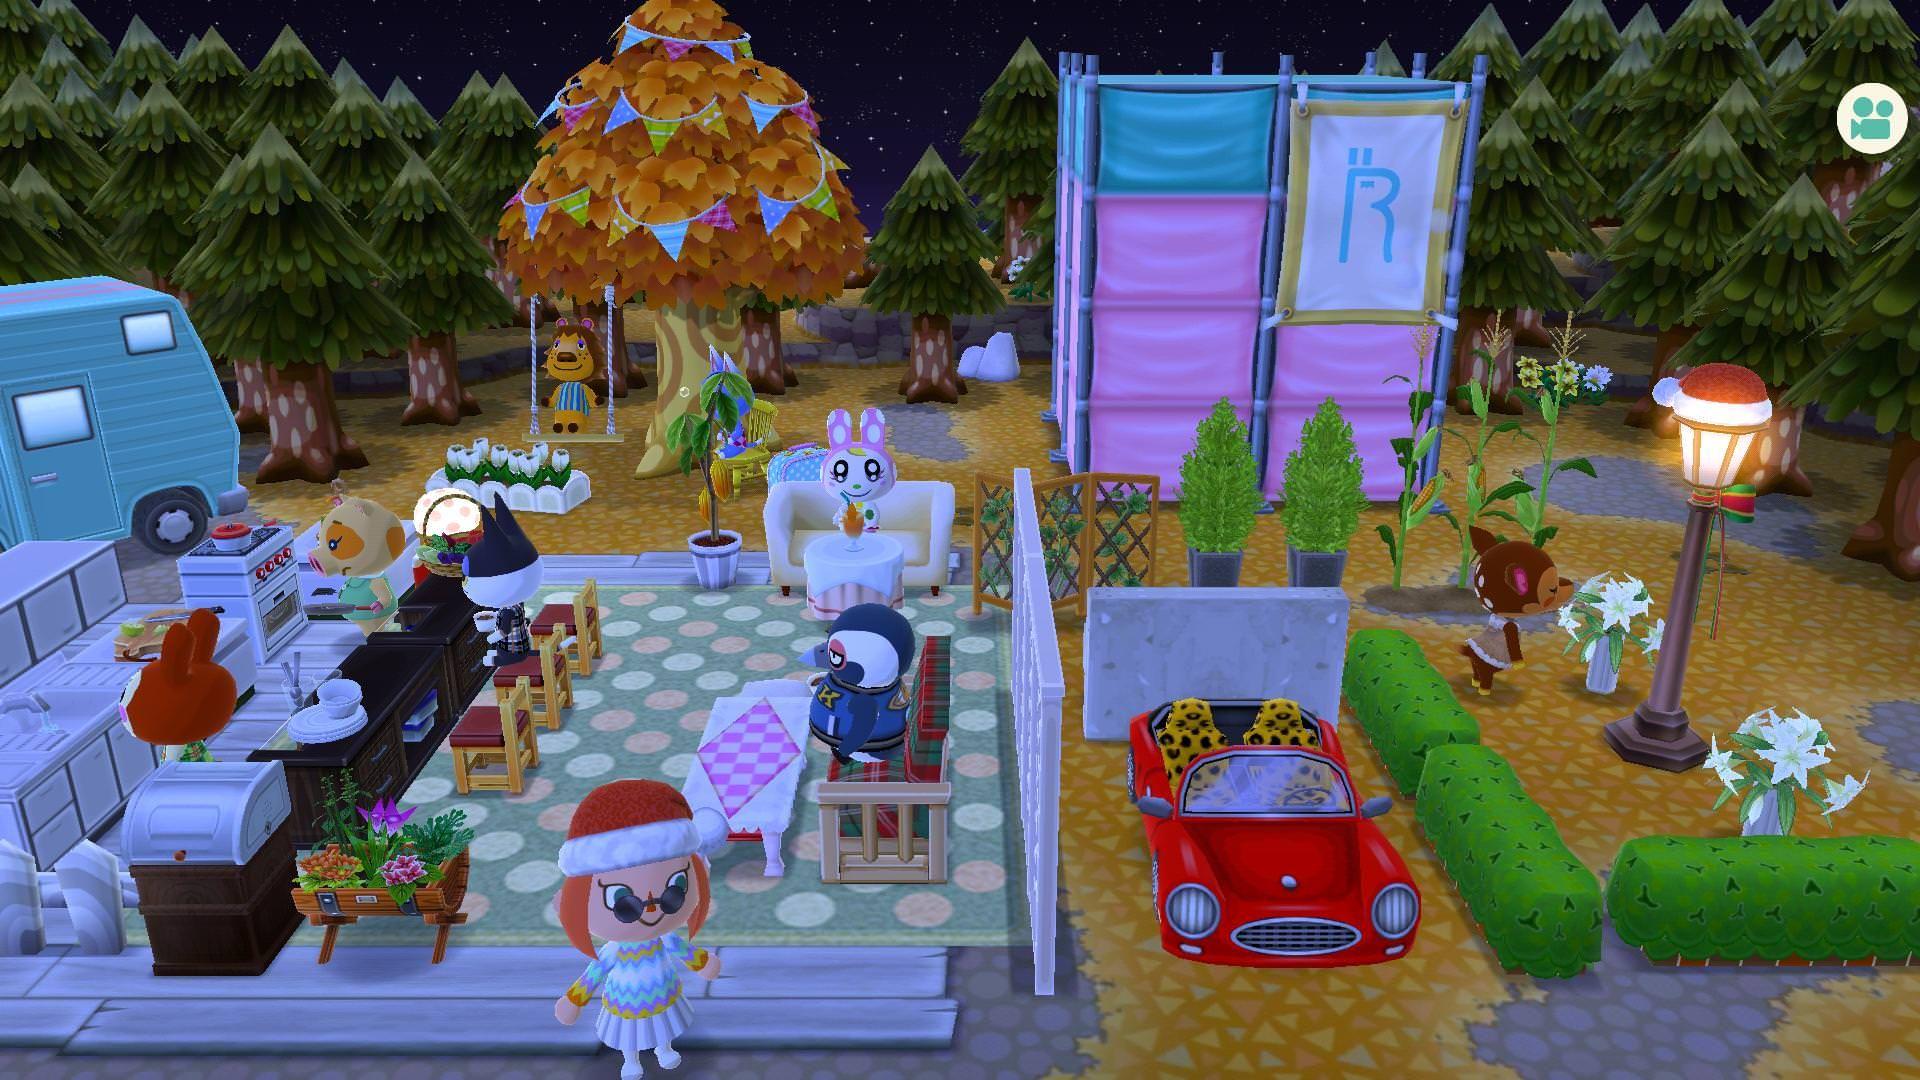 どうぶつの森 喫茶店 カフェ作りにオススメの家具とレイアウトがこれ